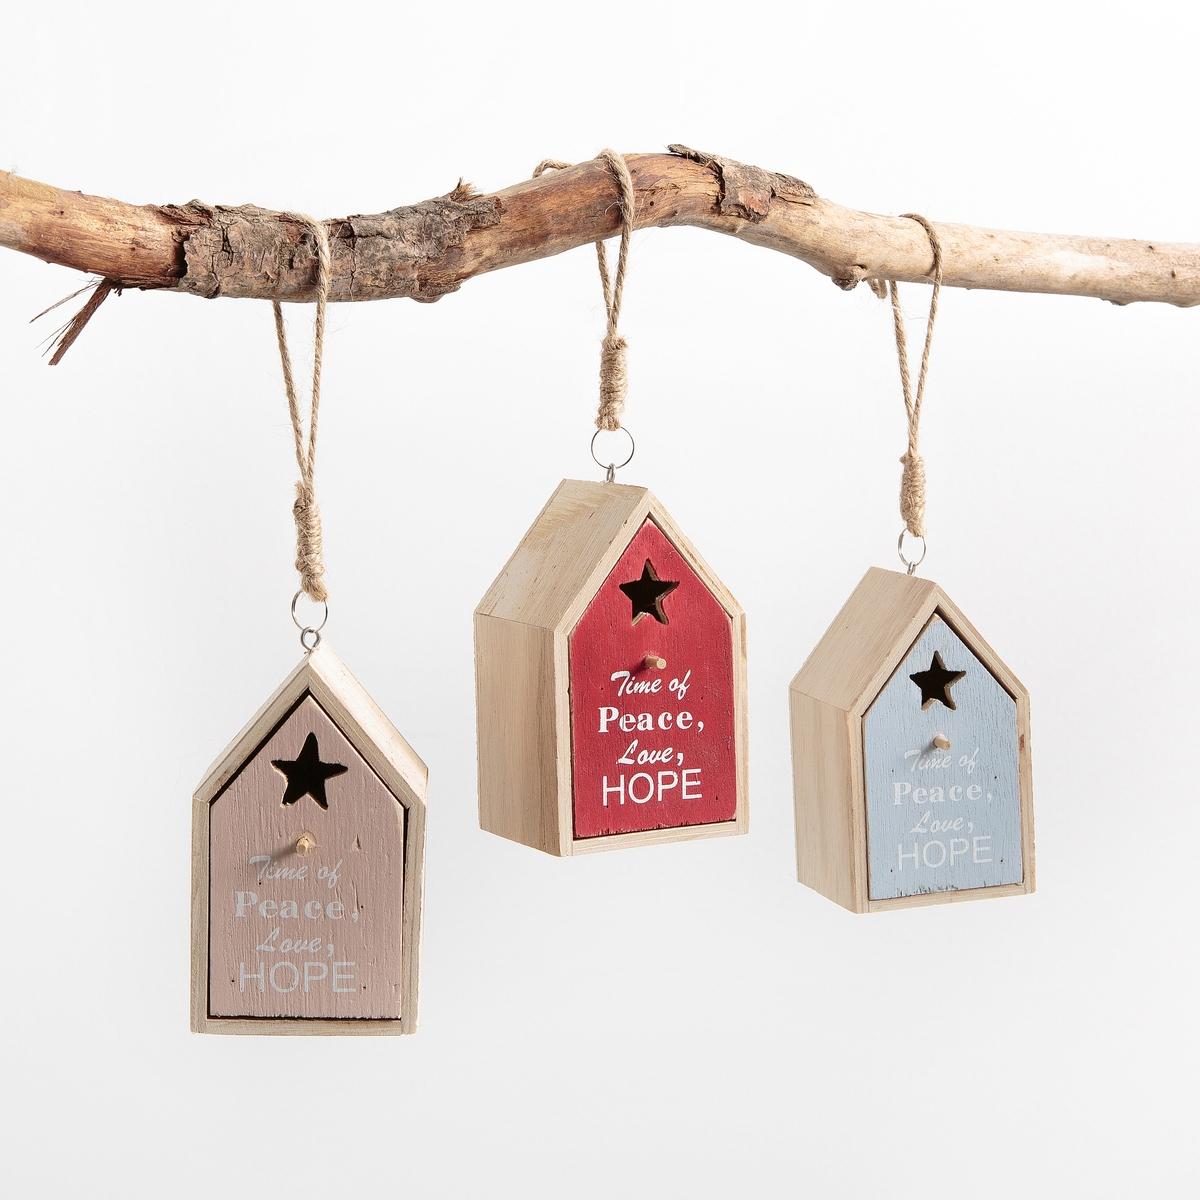 Комплект из 3 новогодних домиков из дерева, COCOUNAОписание:Комплект из 3 новогодних домиков для подвешивания, COCOUNA. Очаровательные домики красиво украсят вашу елку.Характеристики :Материал : клееная фанера + веревка для подвешивания из сизаляНарисованная дверь с эффектом старенияРазмеры домика: В. 11 x 6 x 6,5 смНебольшая ниша позволит вам положить туда сладости для большой радости ваших малышей !<br><br>Цвет: белый/ красный/ синий<br>Размер: единый размер